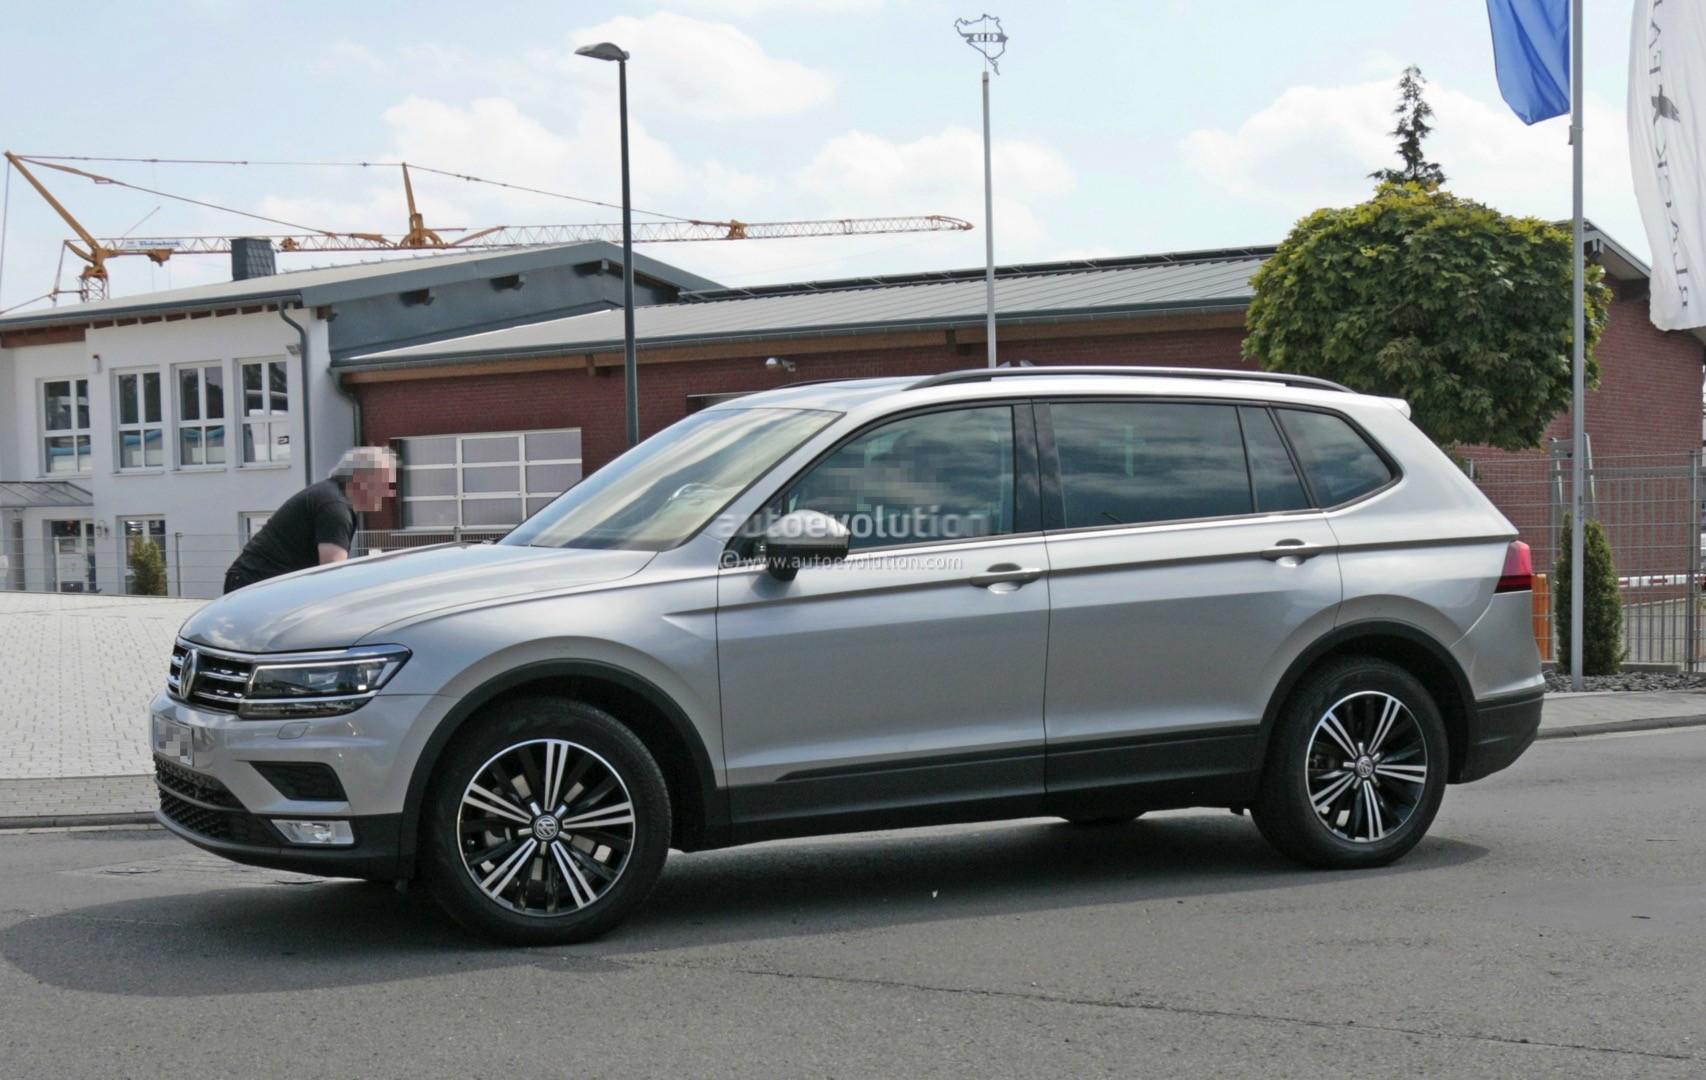 Volkswagen Tiguan 2017 7 Seater >> 2018 Volkswagen Tiguan Allspace 7 Seater Teased For Detroit